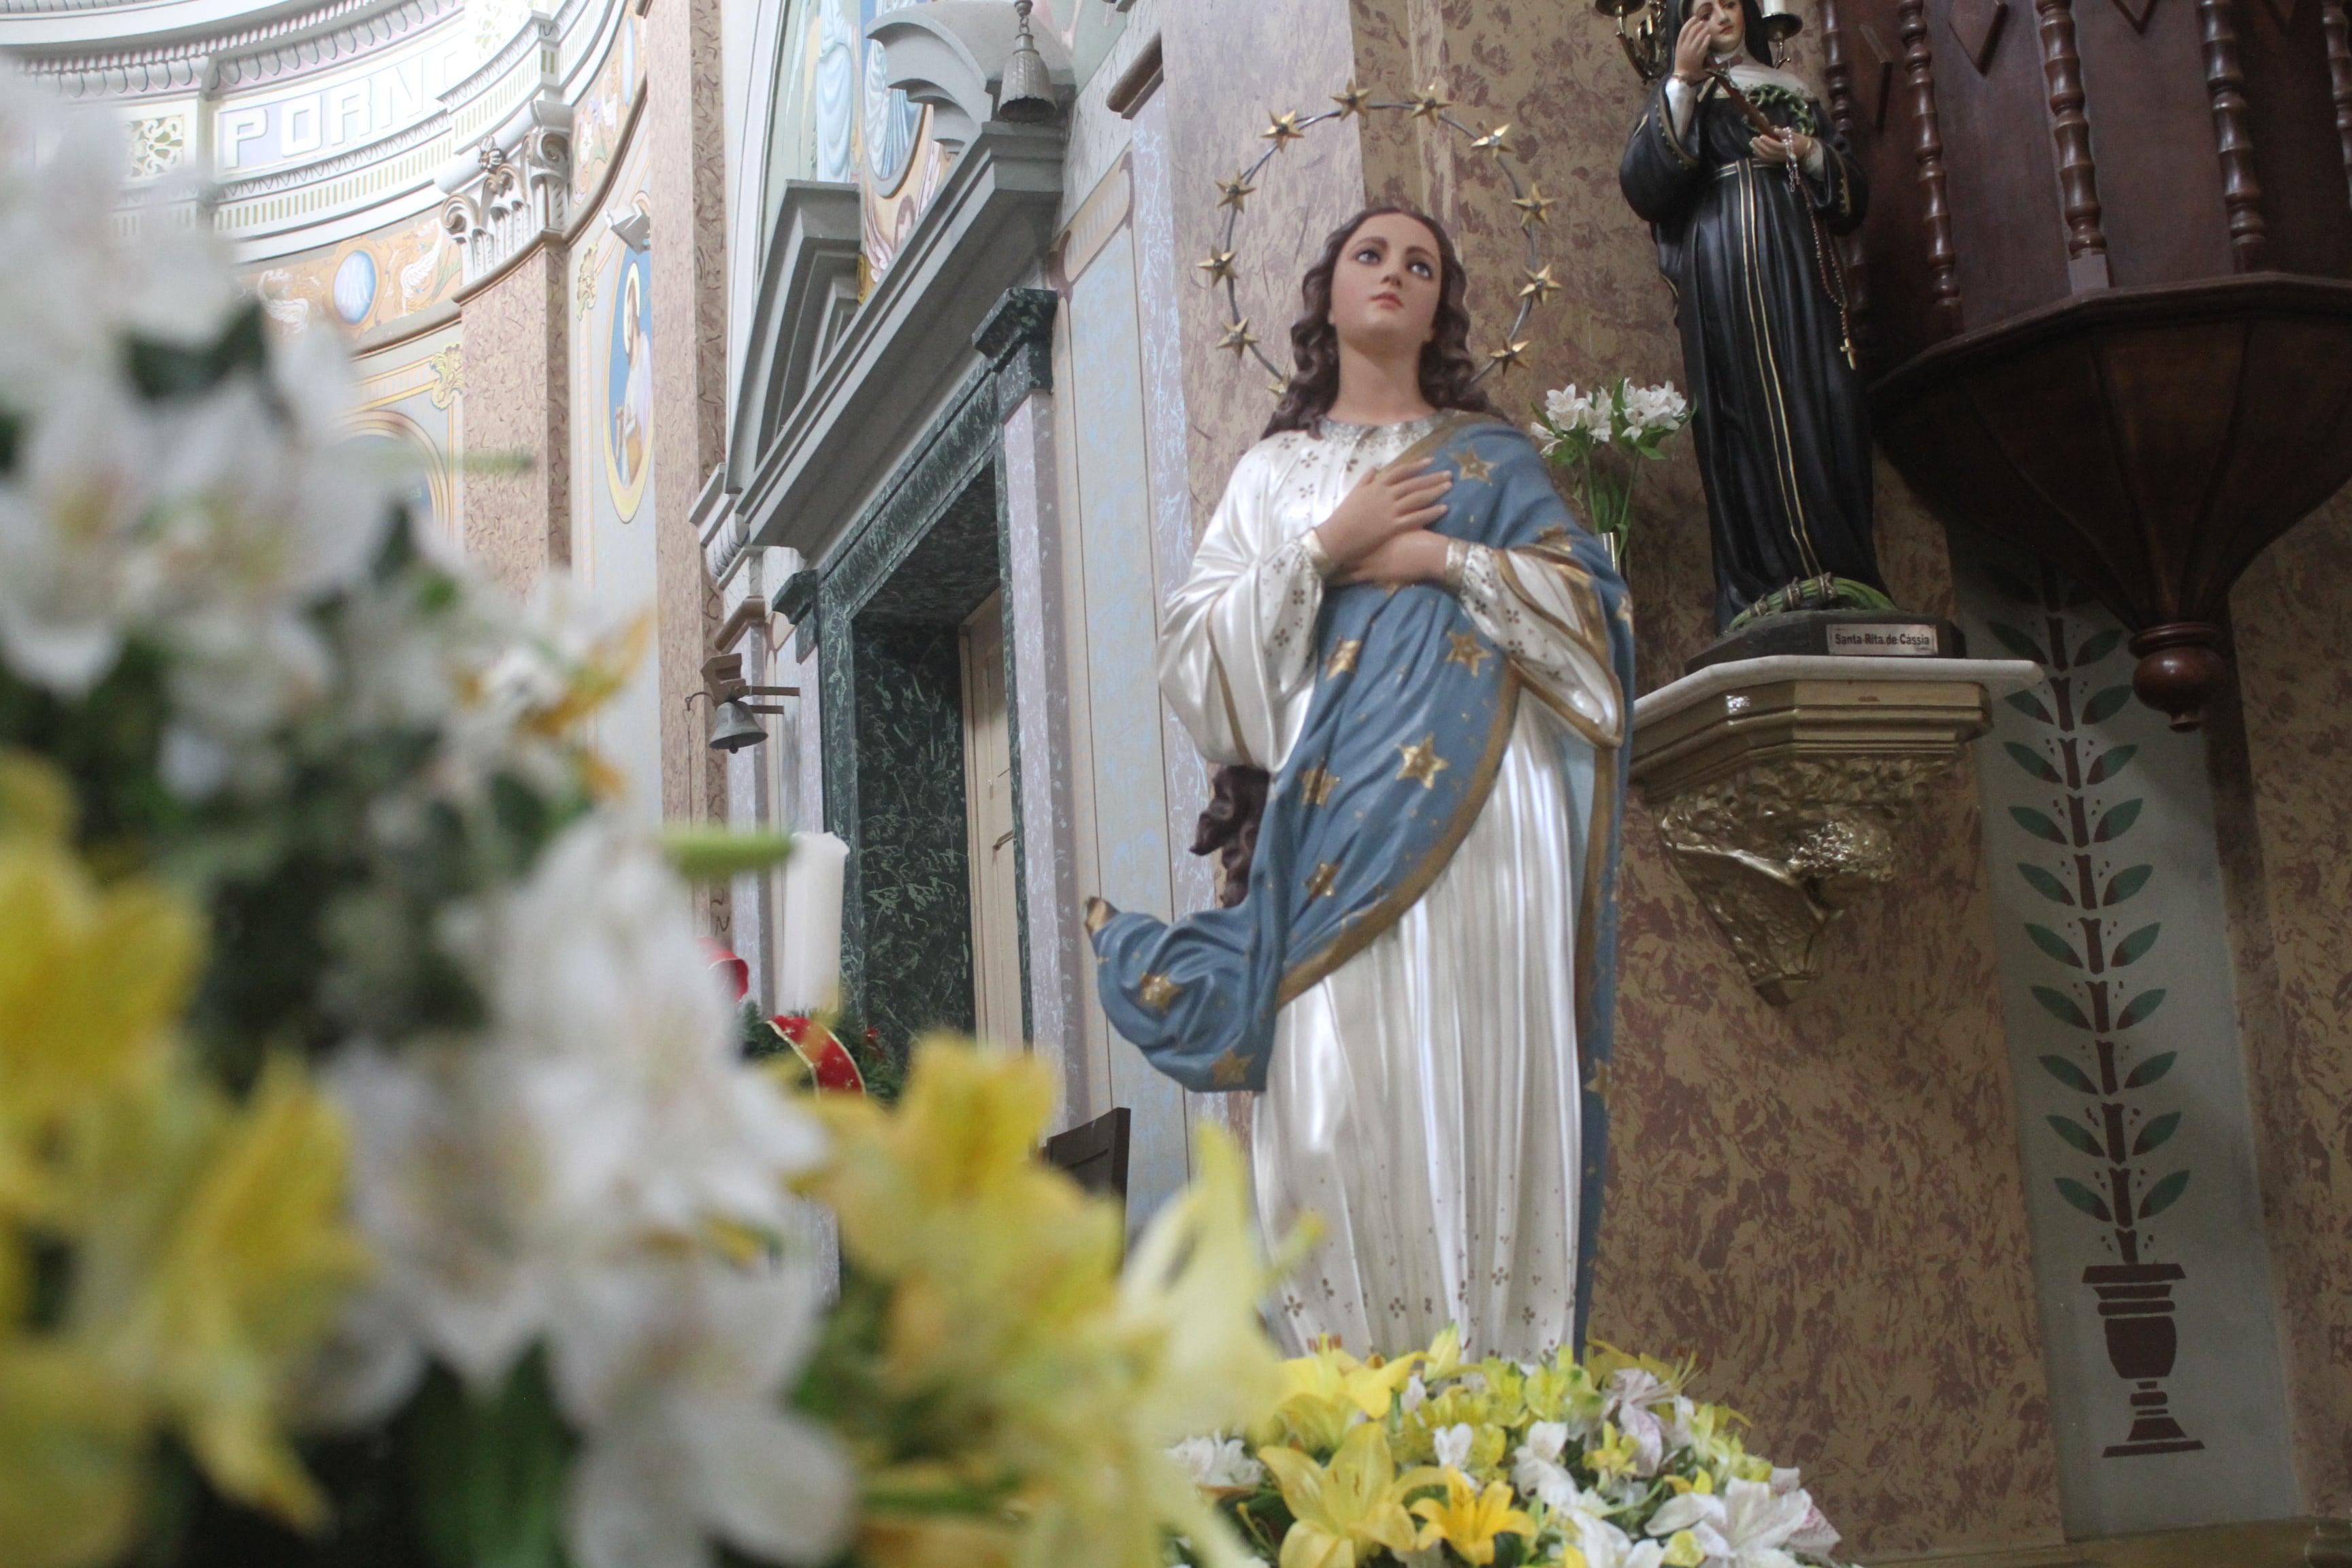 Icatolica Com Nossa Senhora Da Conceição Aparecida: Urussanga Celebra A Padroeira Nossa Senhora Da Conceição